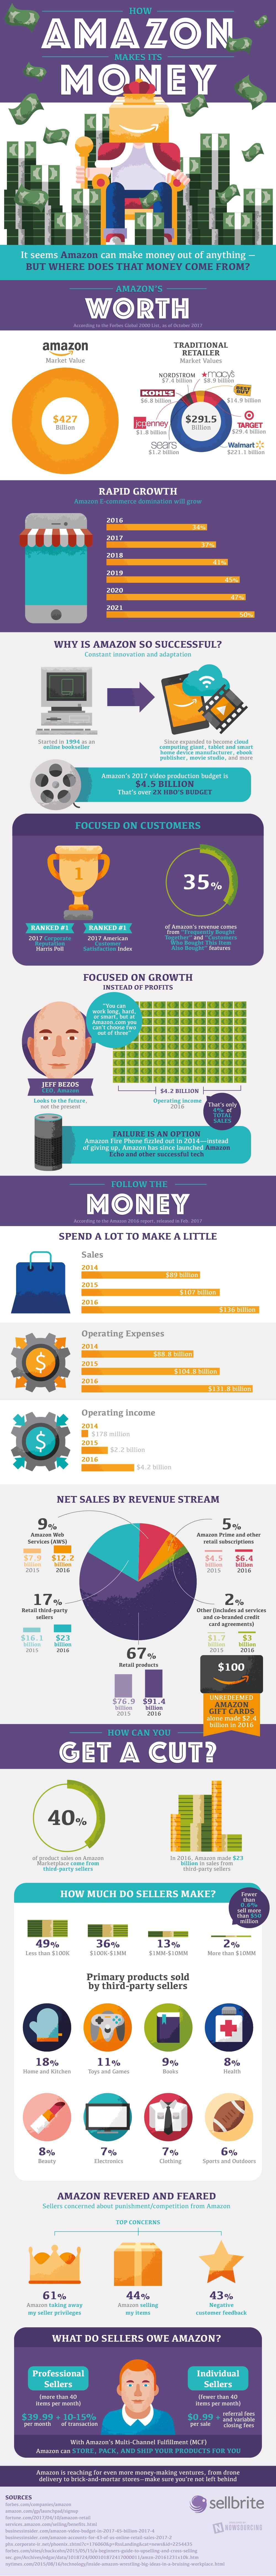 How amazon makes money